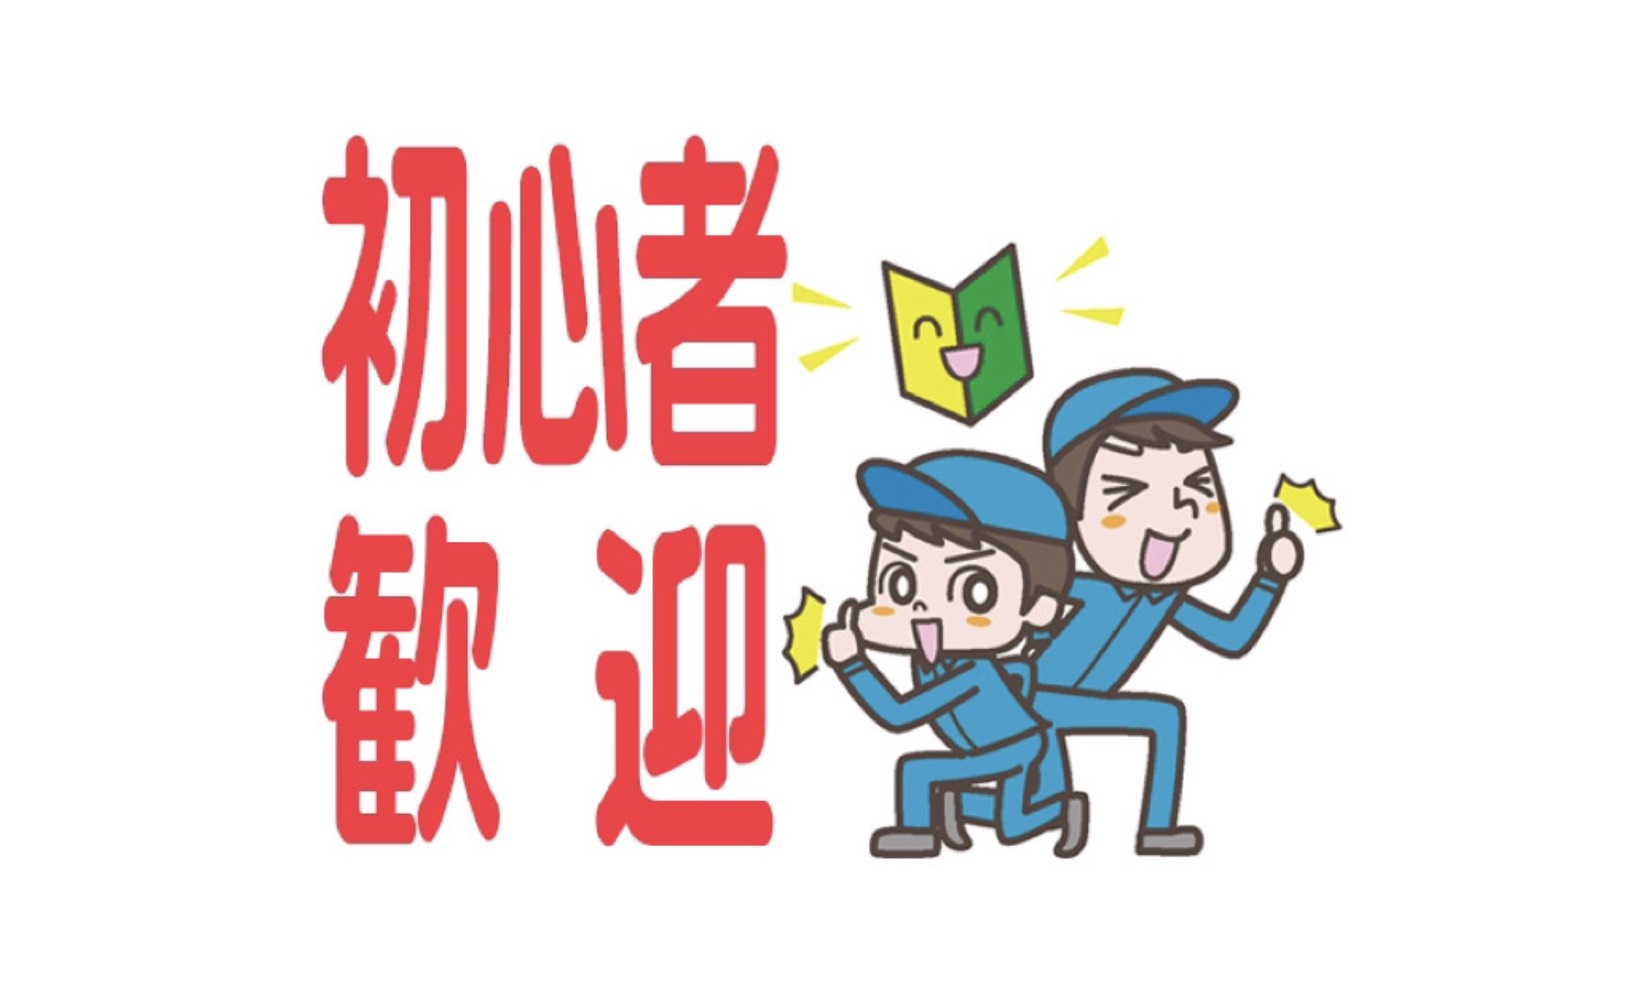 【製造】オープニング★入社祝い金10万円!時短勤務/未経験/前払いOK!